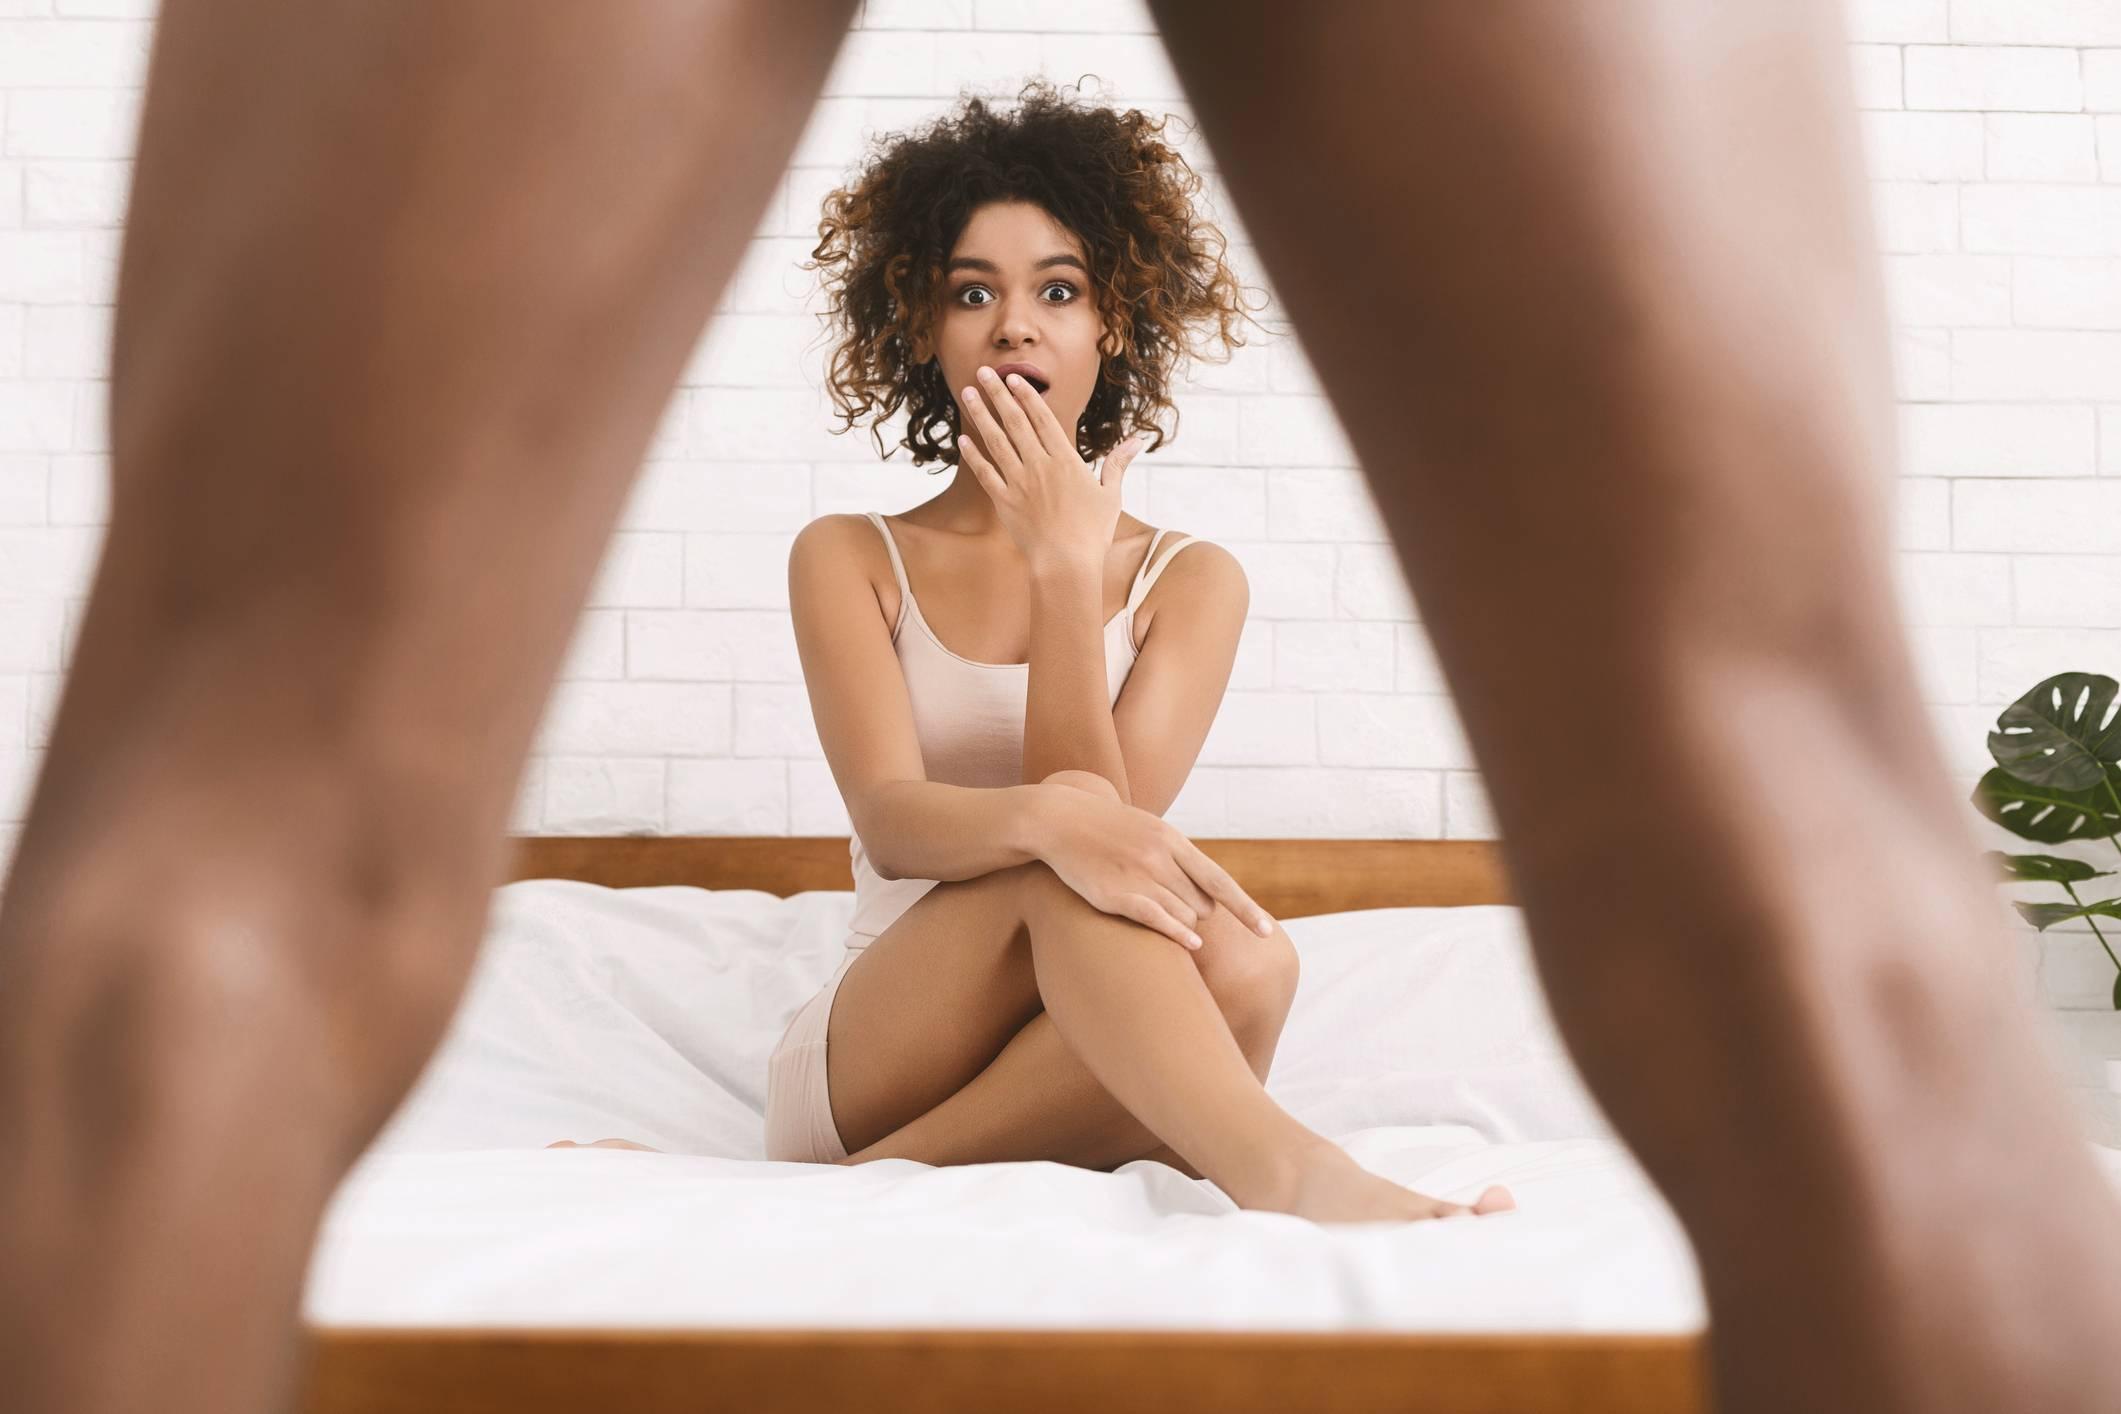 Reggeli merevedés az életteli férfi ismérve | terezvarosibucsu.hu